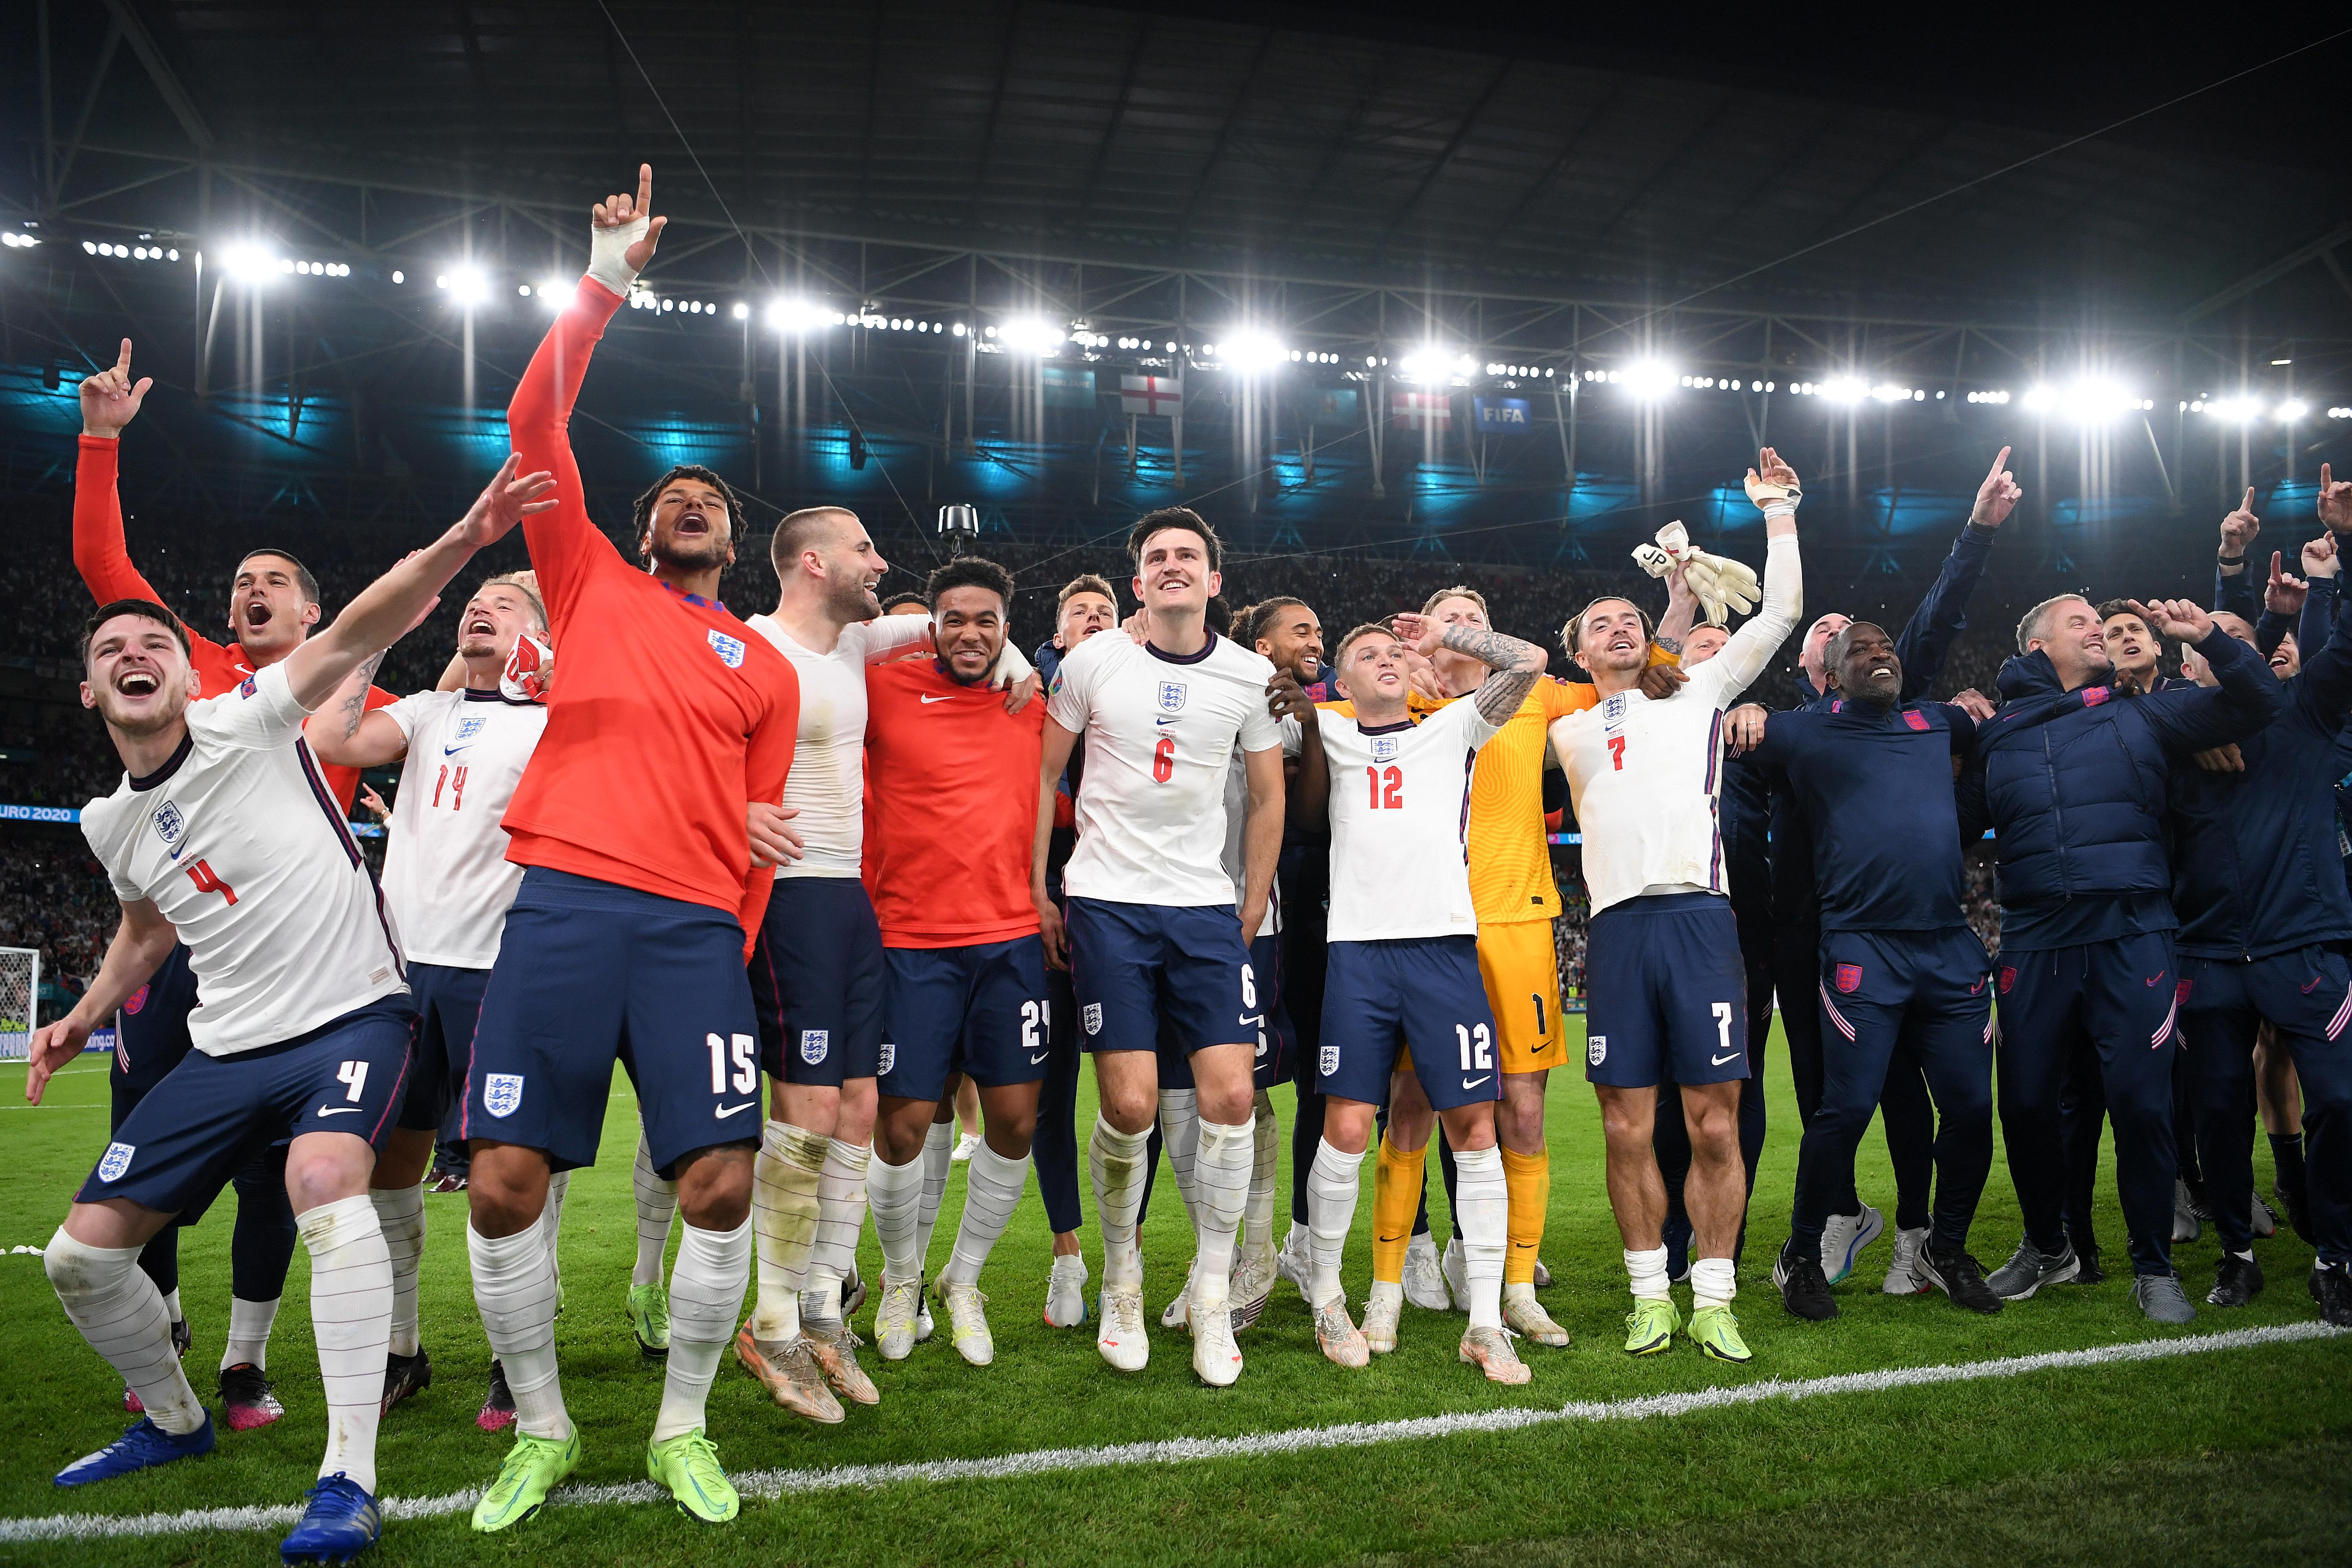 英格兰队赛后谢场。